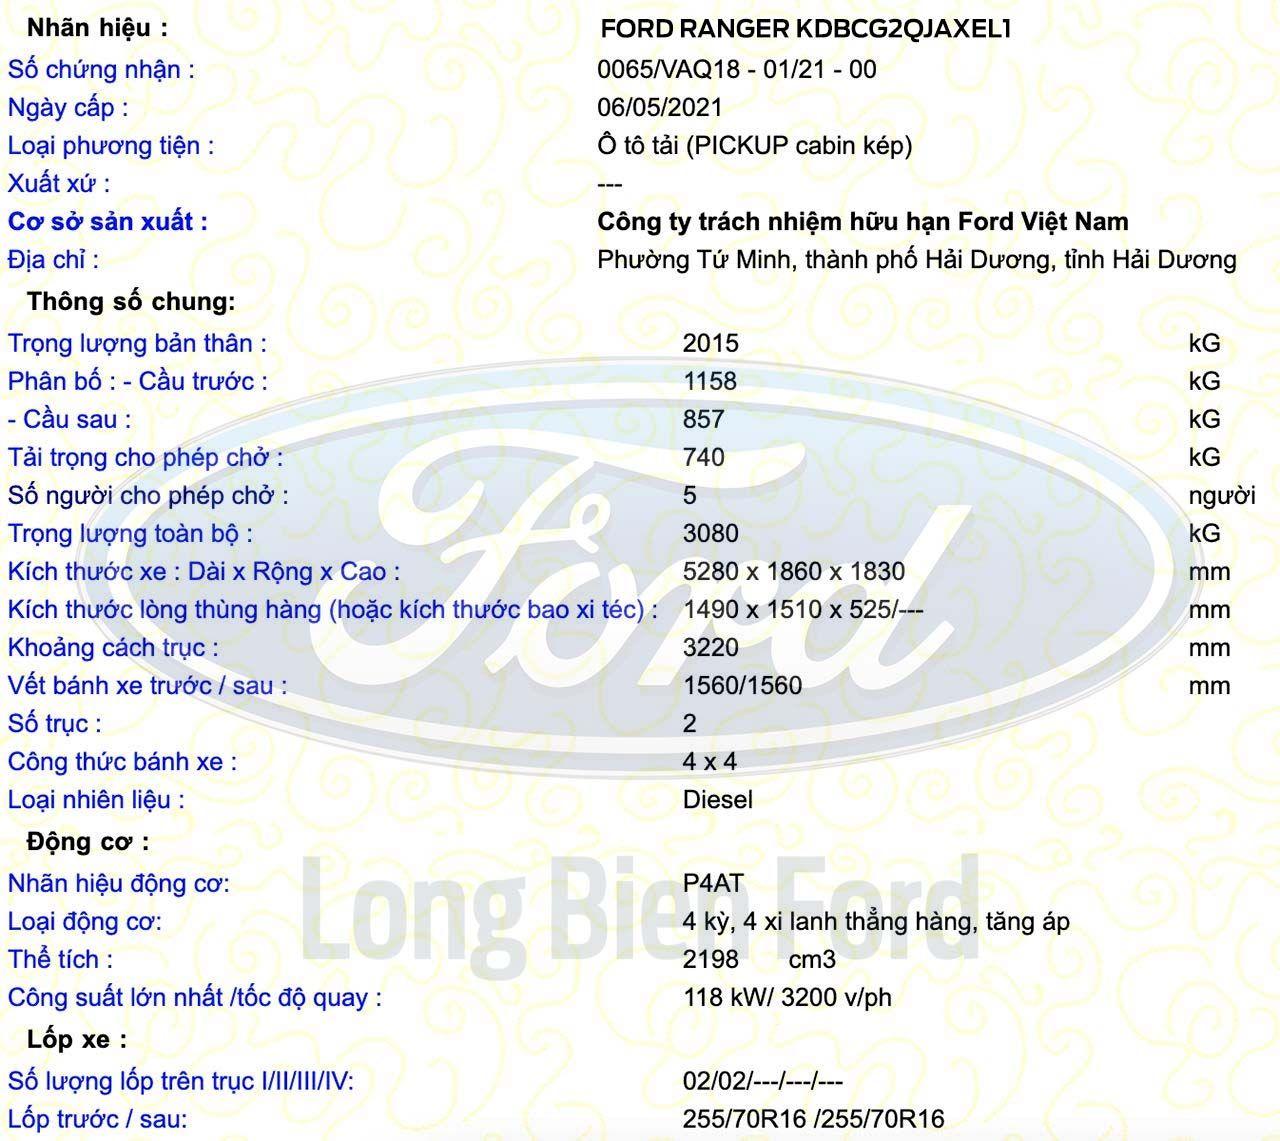 Ford Ranger 2021 bản lắp ráp tại Việt Nam đã được đăng kiểm, sẵn sàng phục vụ Quý Khách hàng